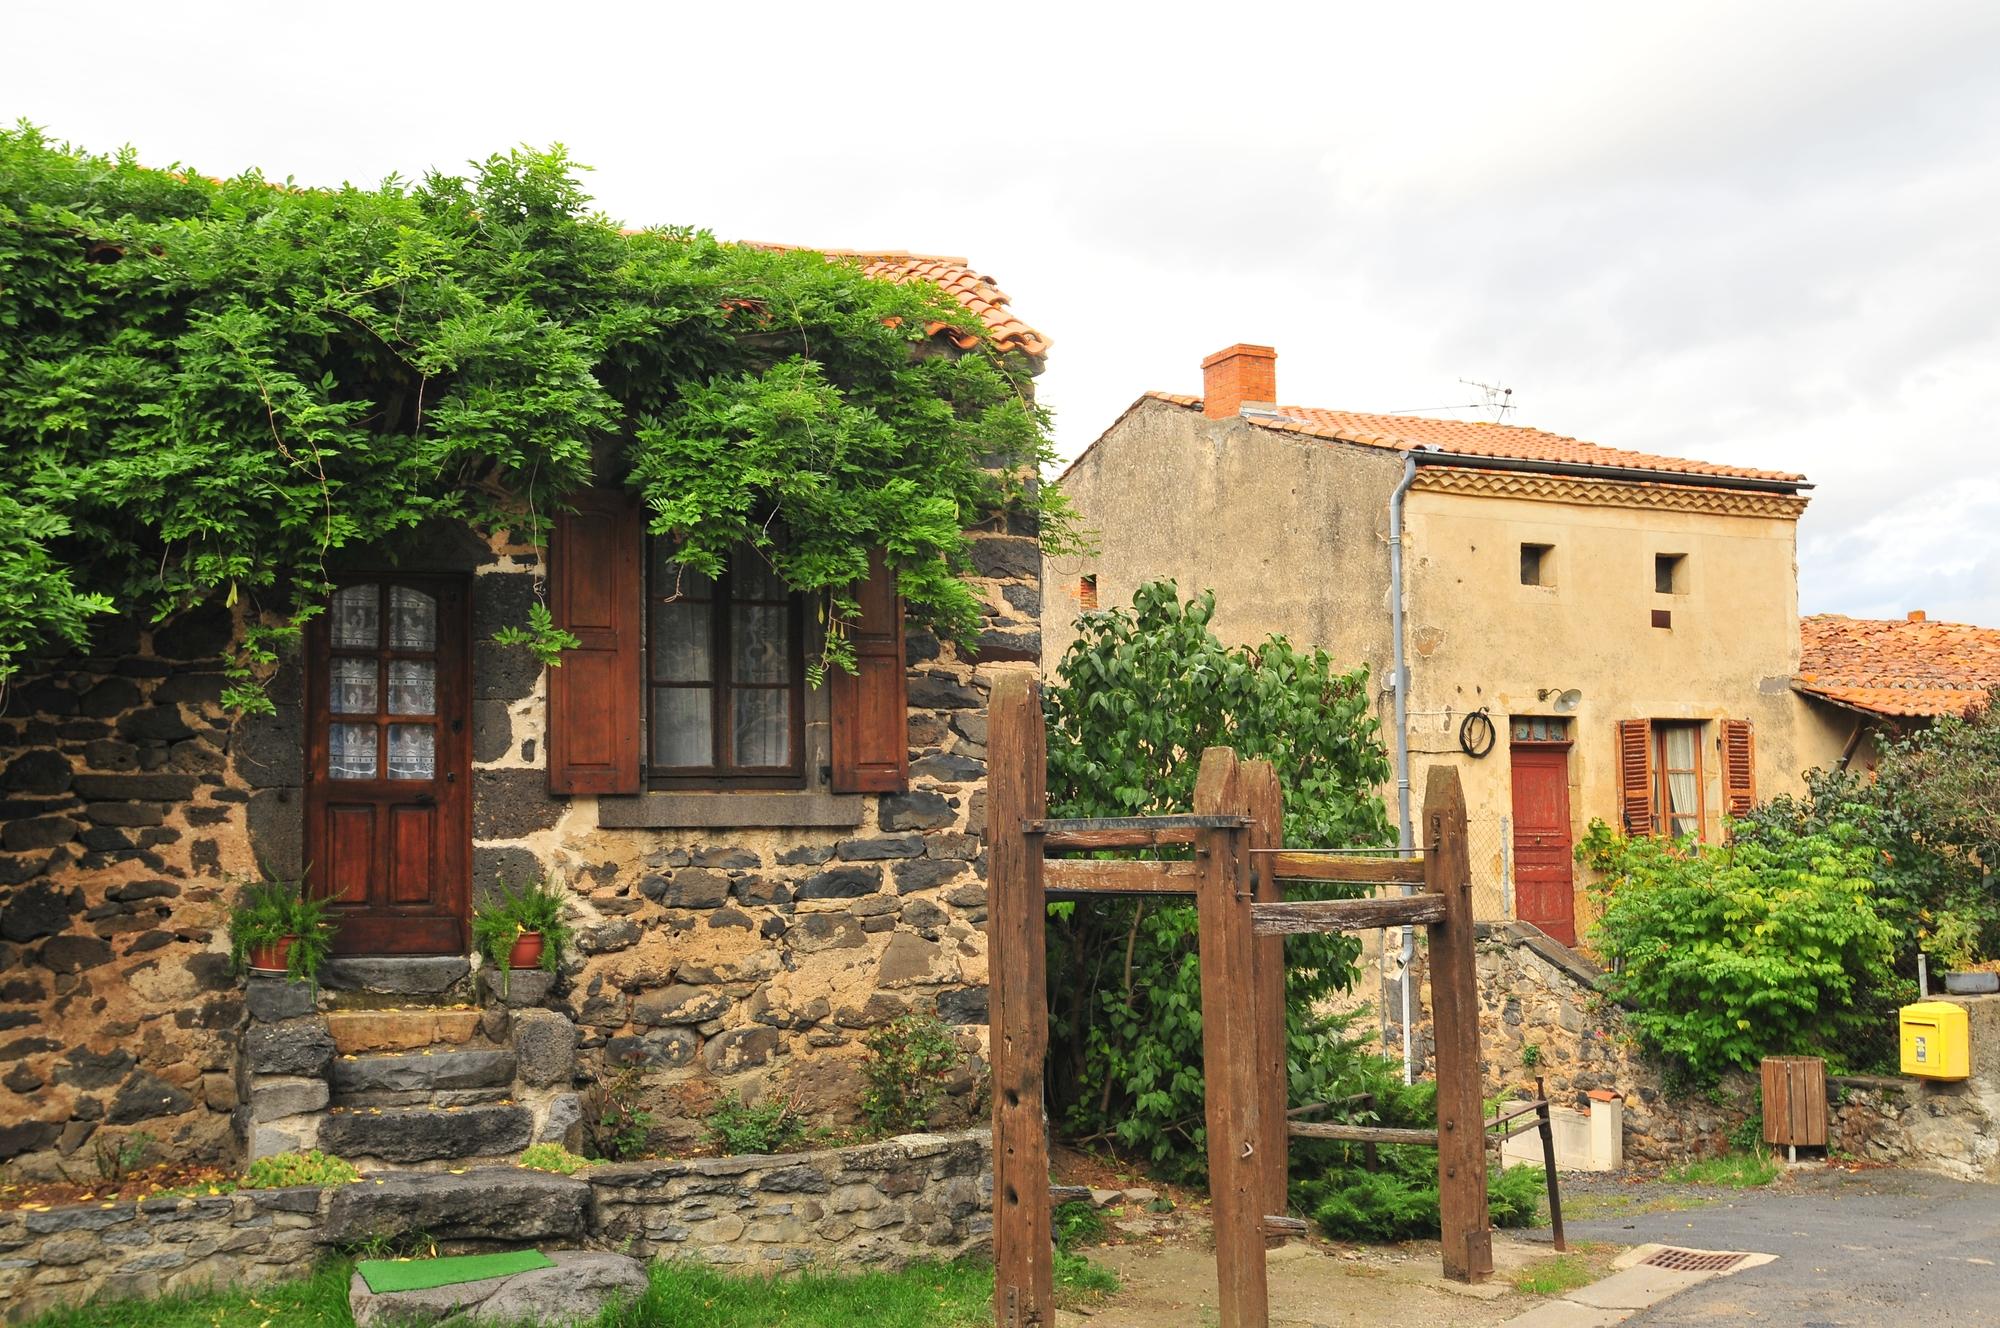 Village de Villeneuve-Lembro